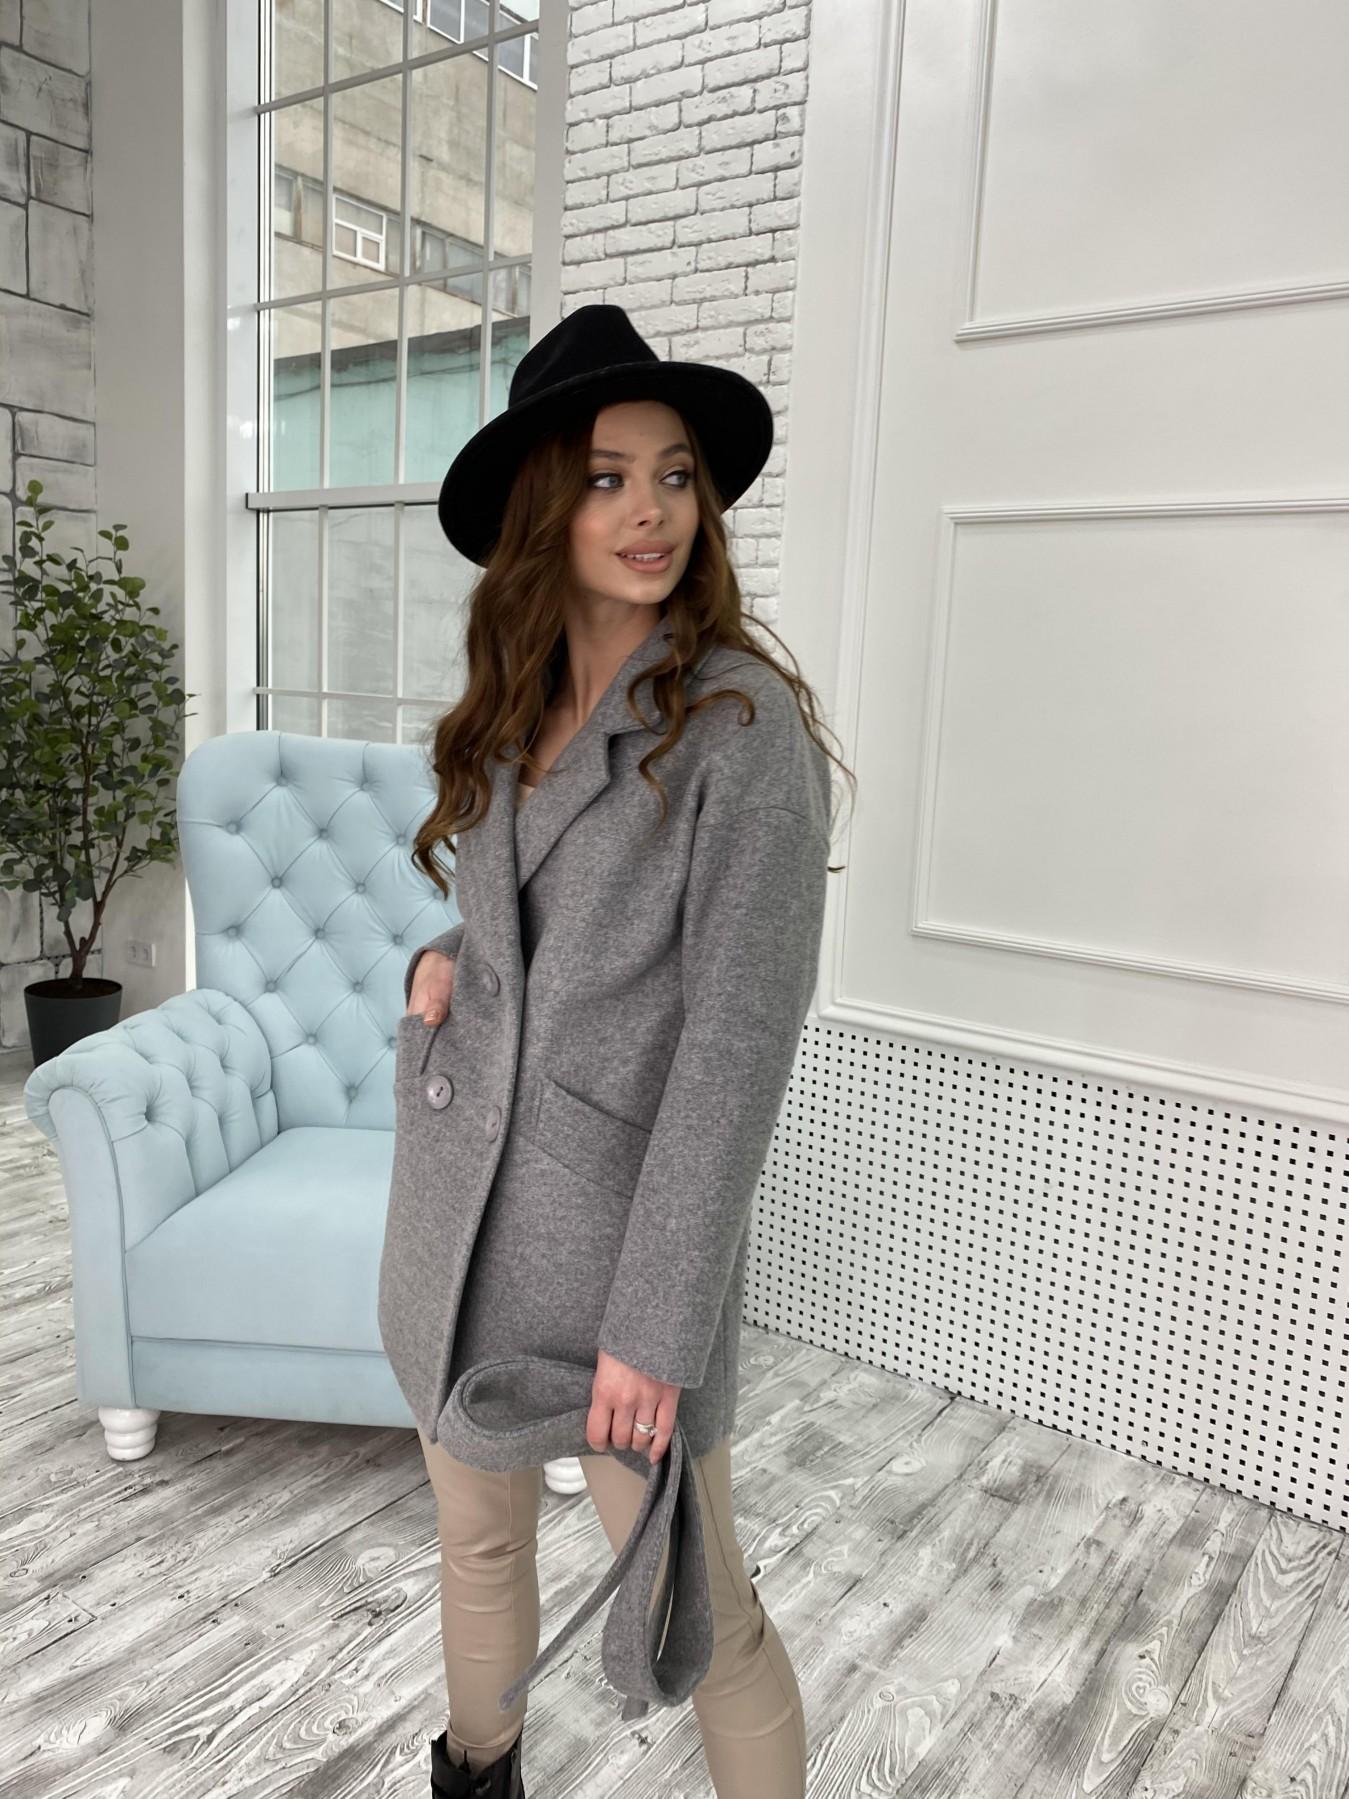 Бонд пальто  кашемировое меланж на трикотаже  10644 АРТ. 47176 Цвет: Серый 1 - фото 3, интернет магазин tm-modus.ru